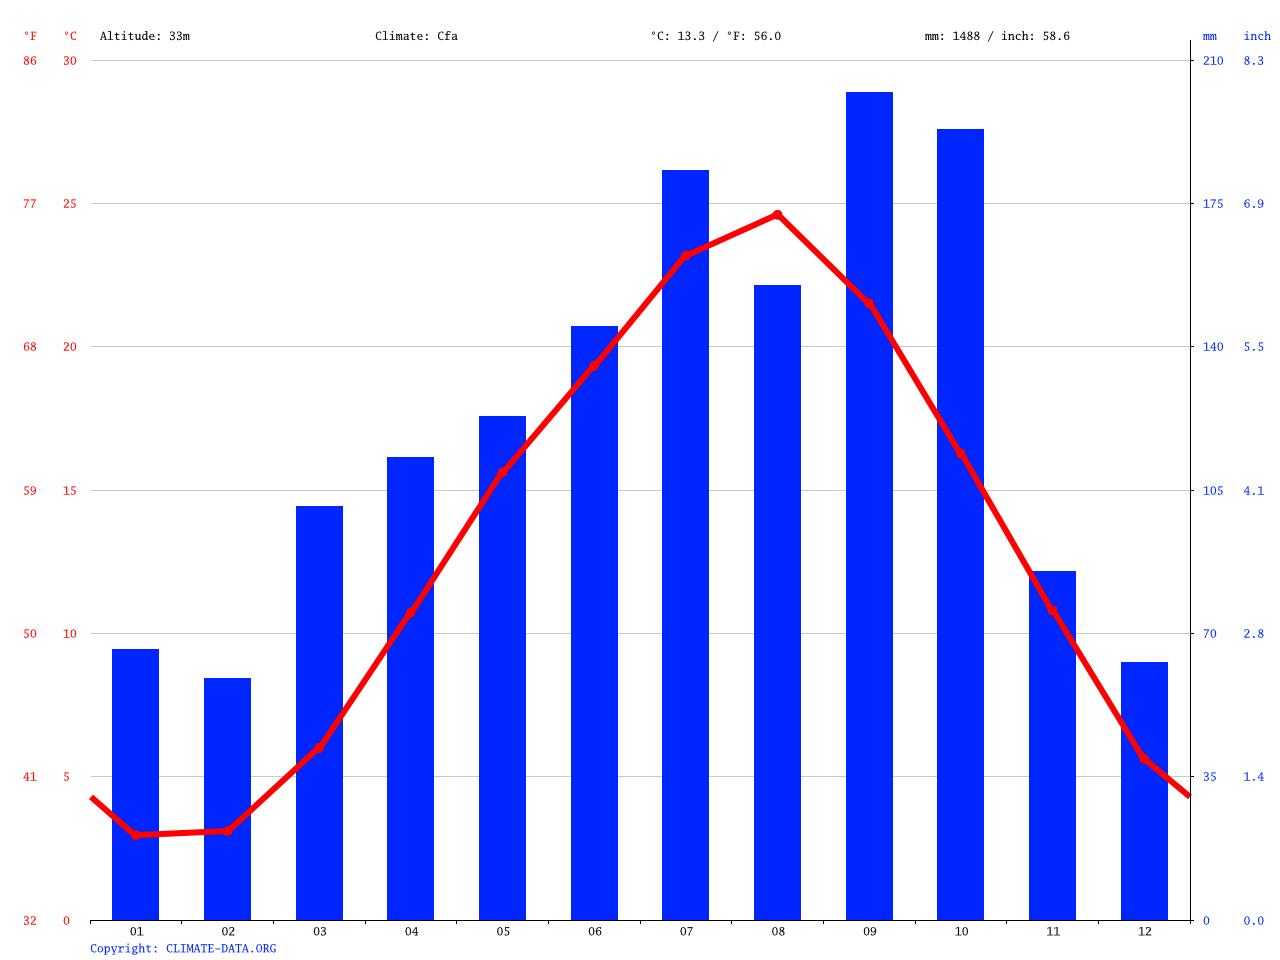 気候:南相馬市-気候グラフ、気温グラフ、雨温図 - Climate-Data.org